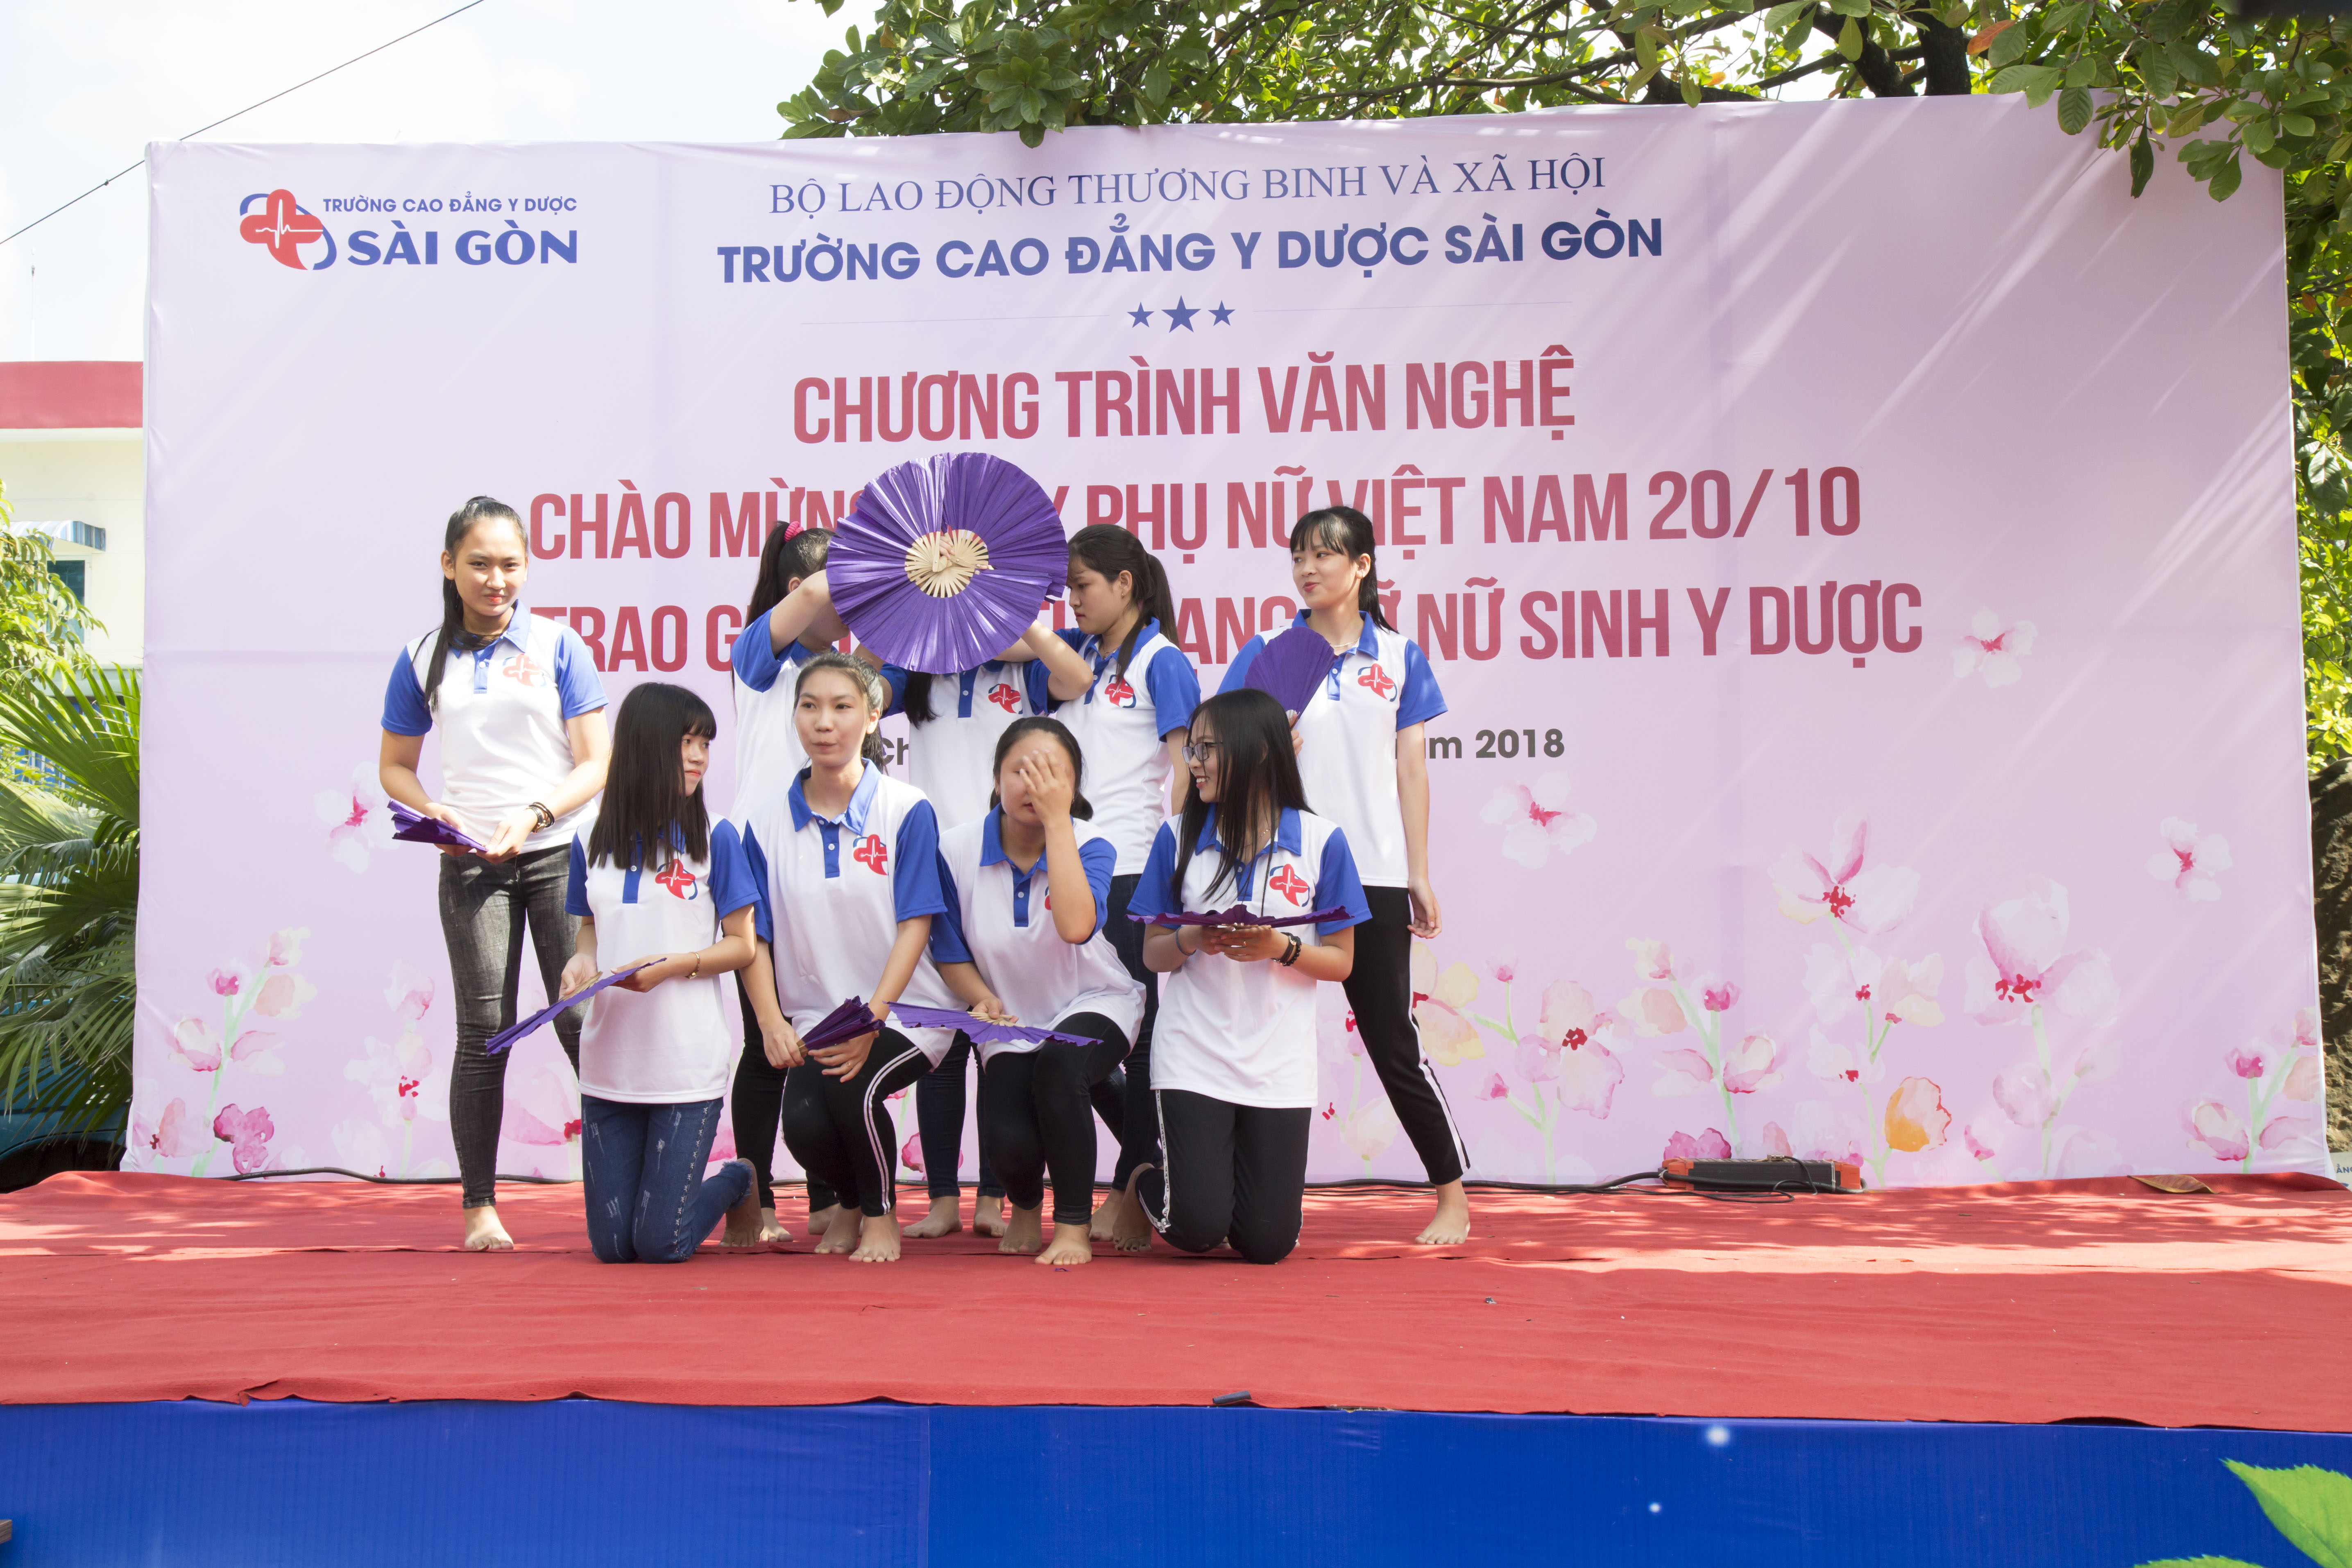 Trường Cao đẳng Y Dược Sài Gòn hưởng ứng ngày Phụ nữ Việt Nam 20/10 6